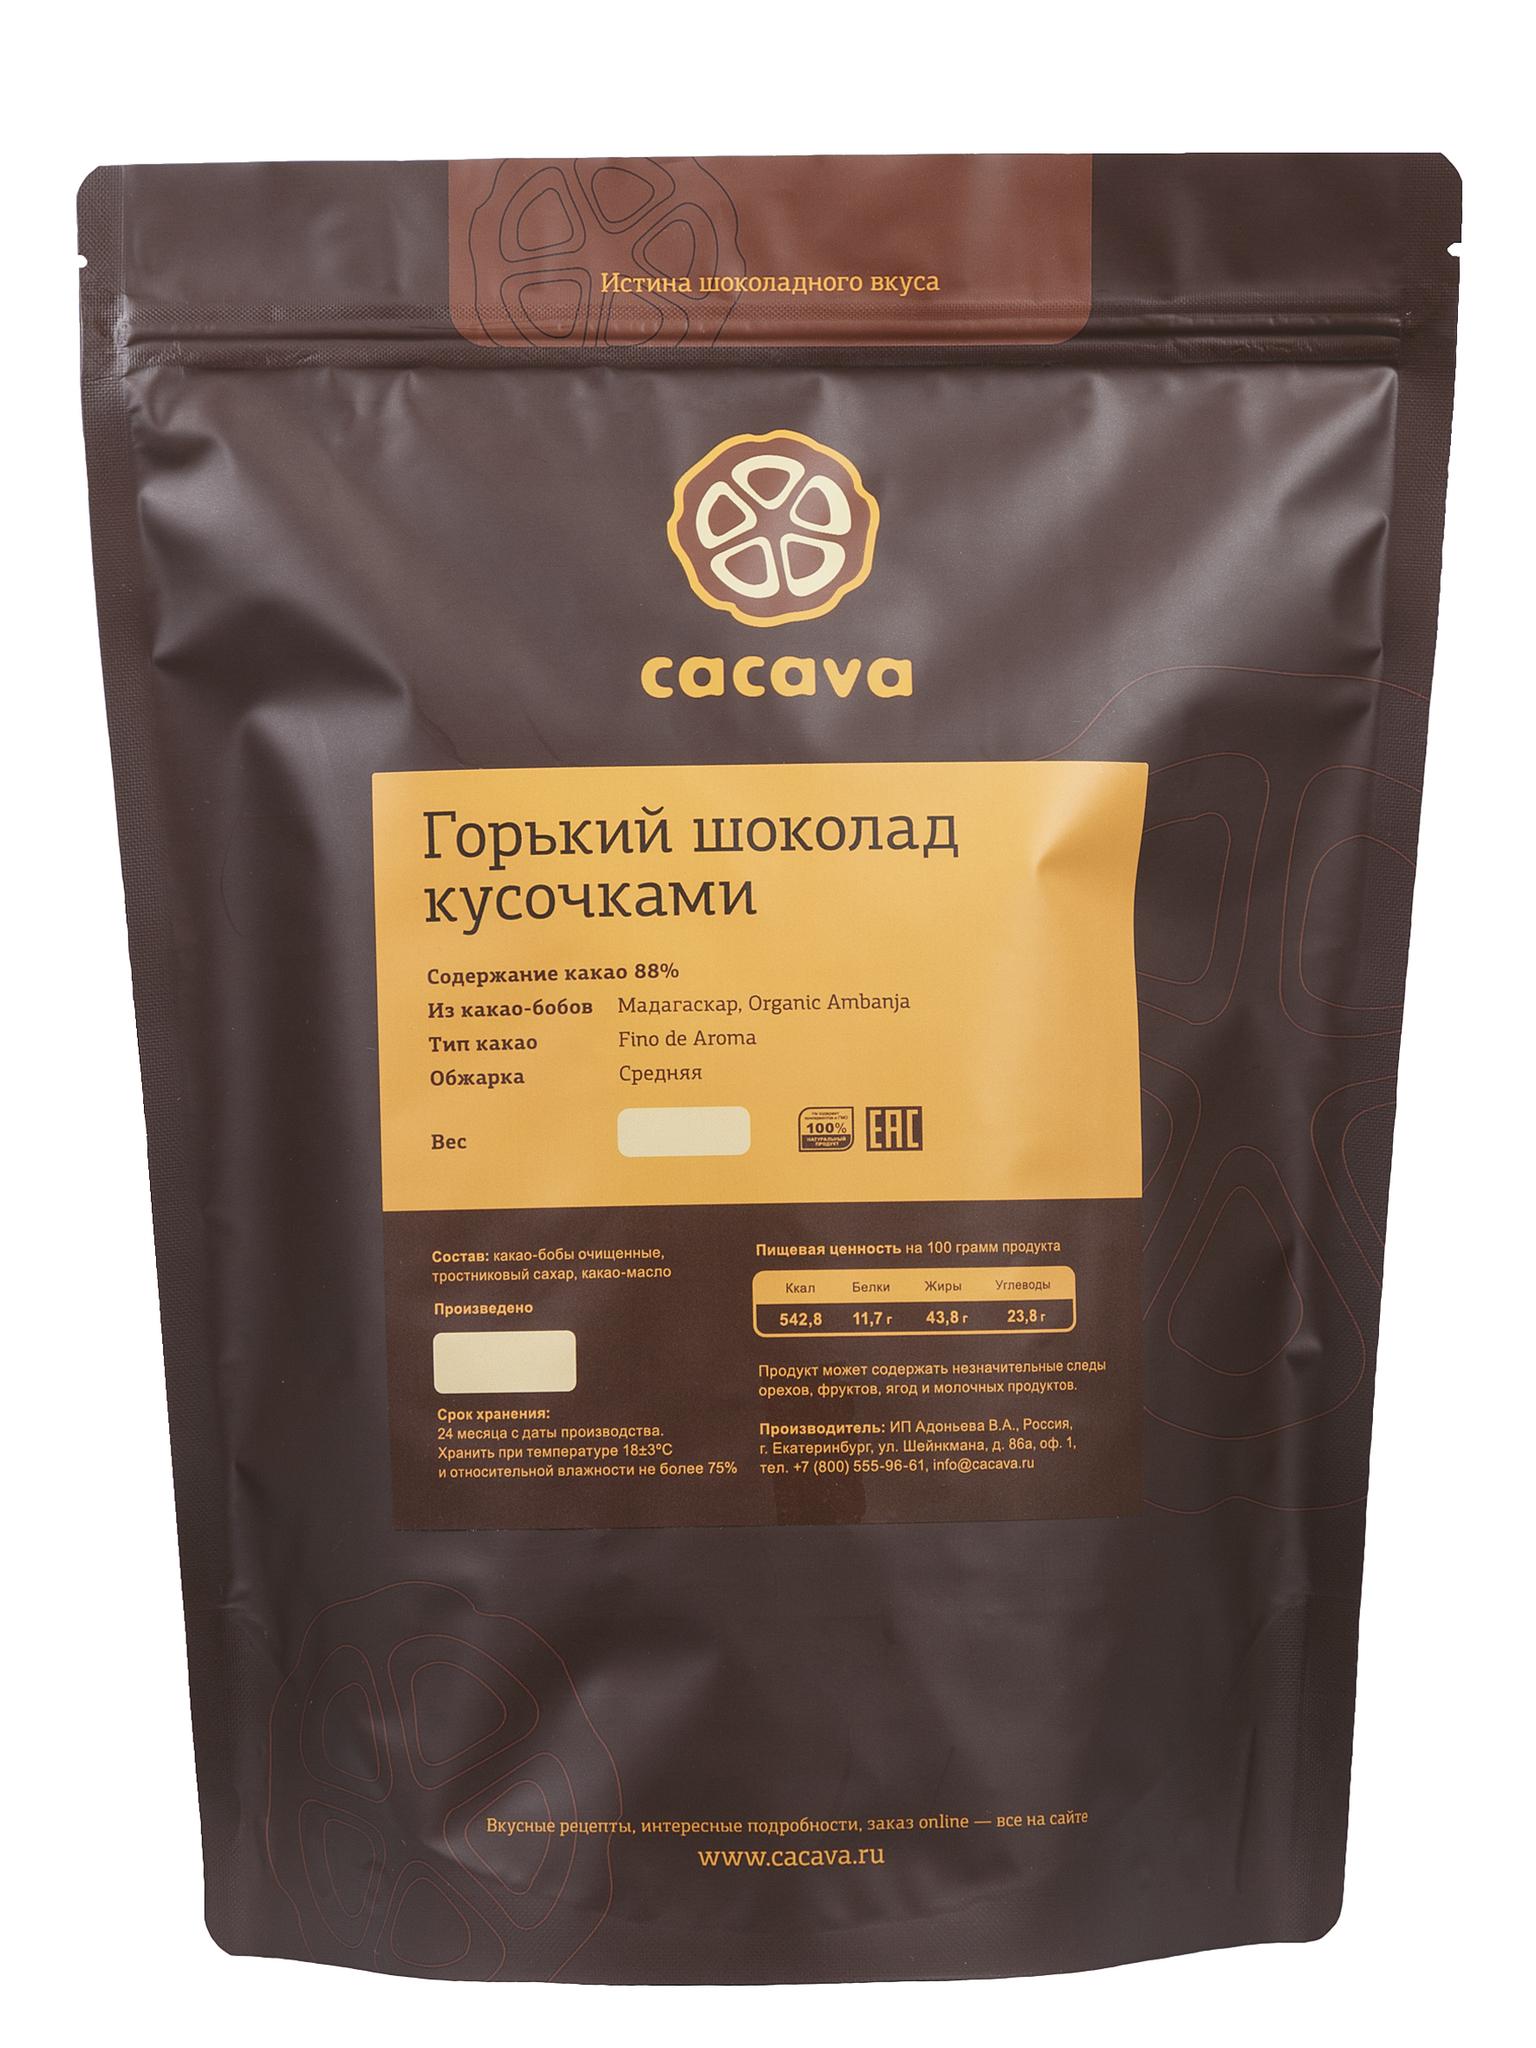 Горький шоколад 88 % какао (Мадагаскар), упаковка 1 кг